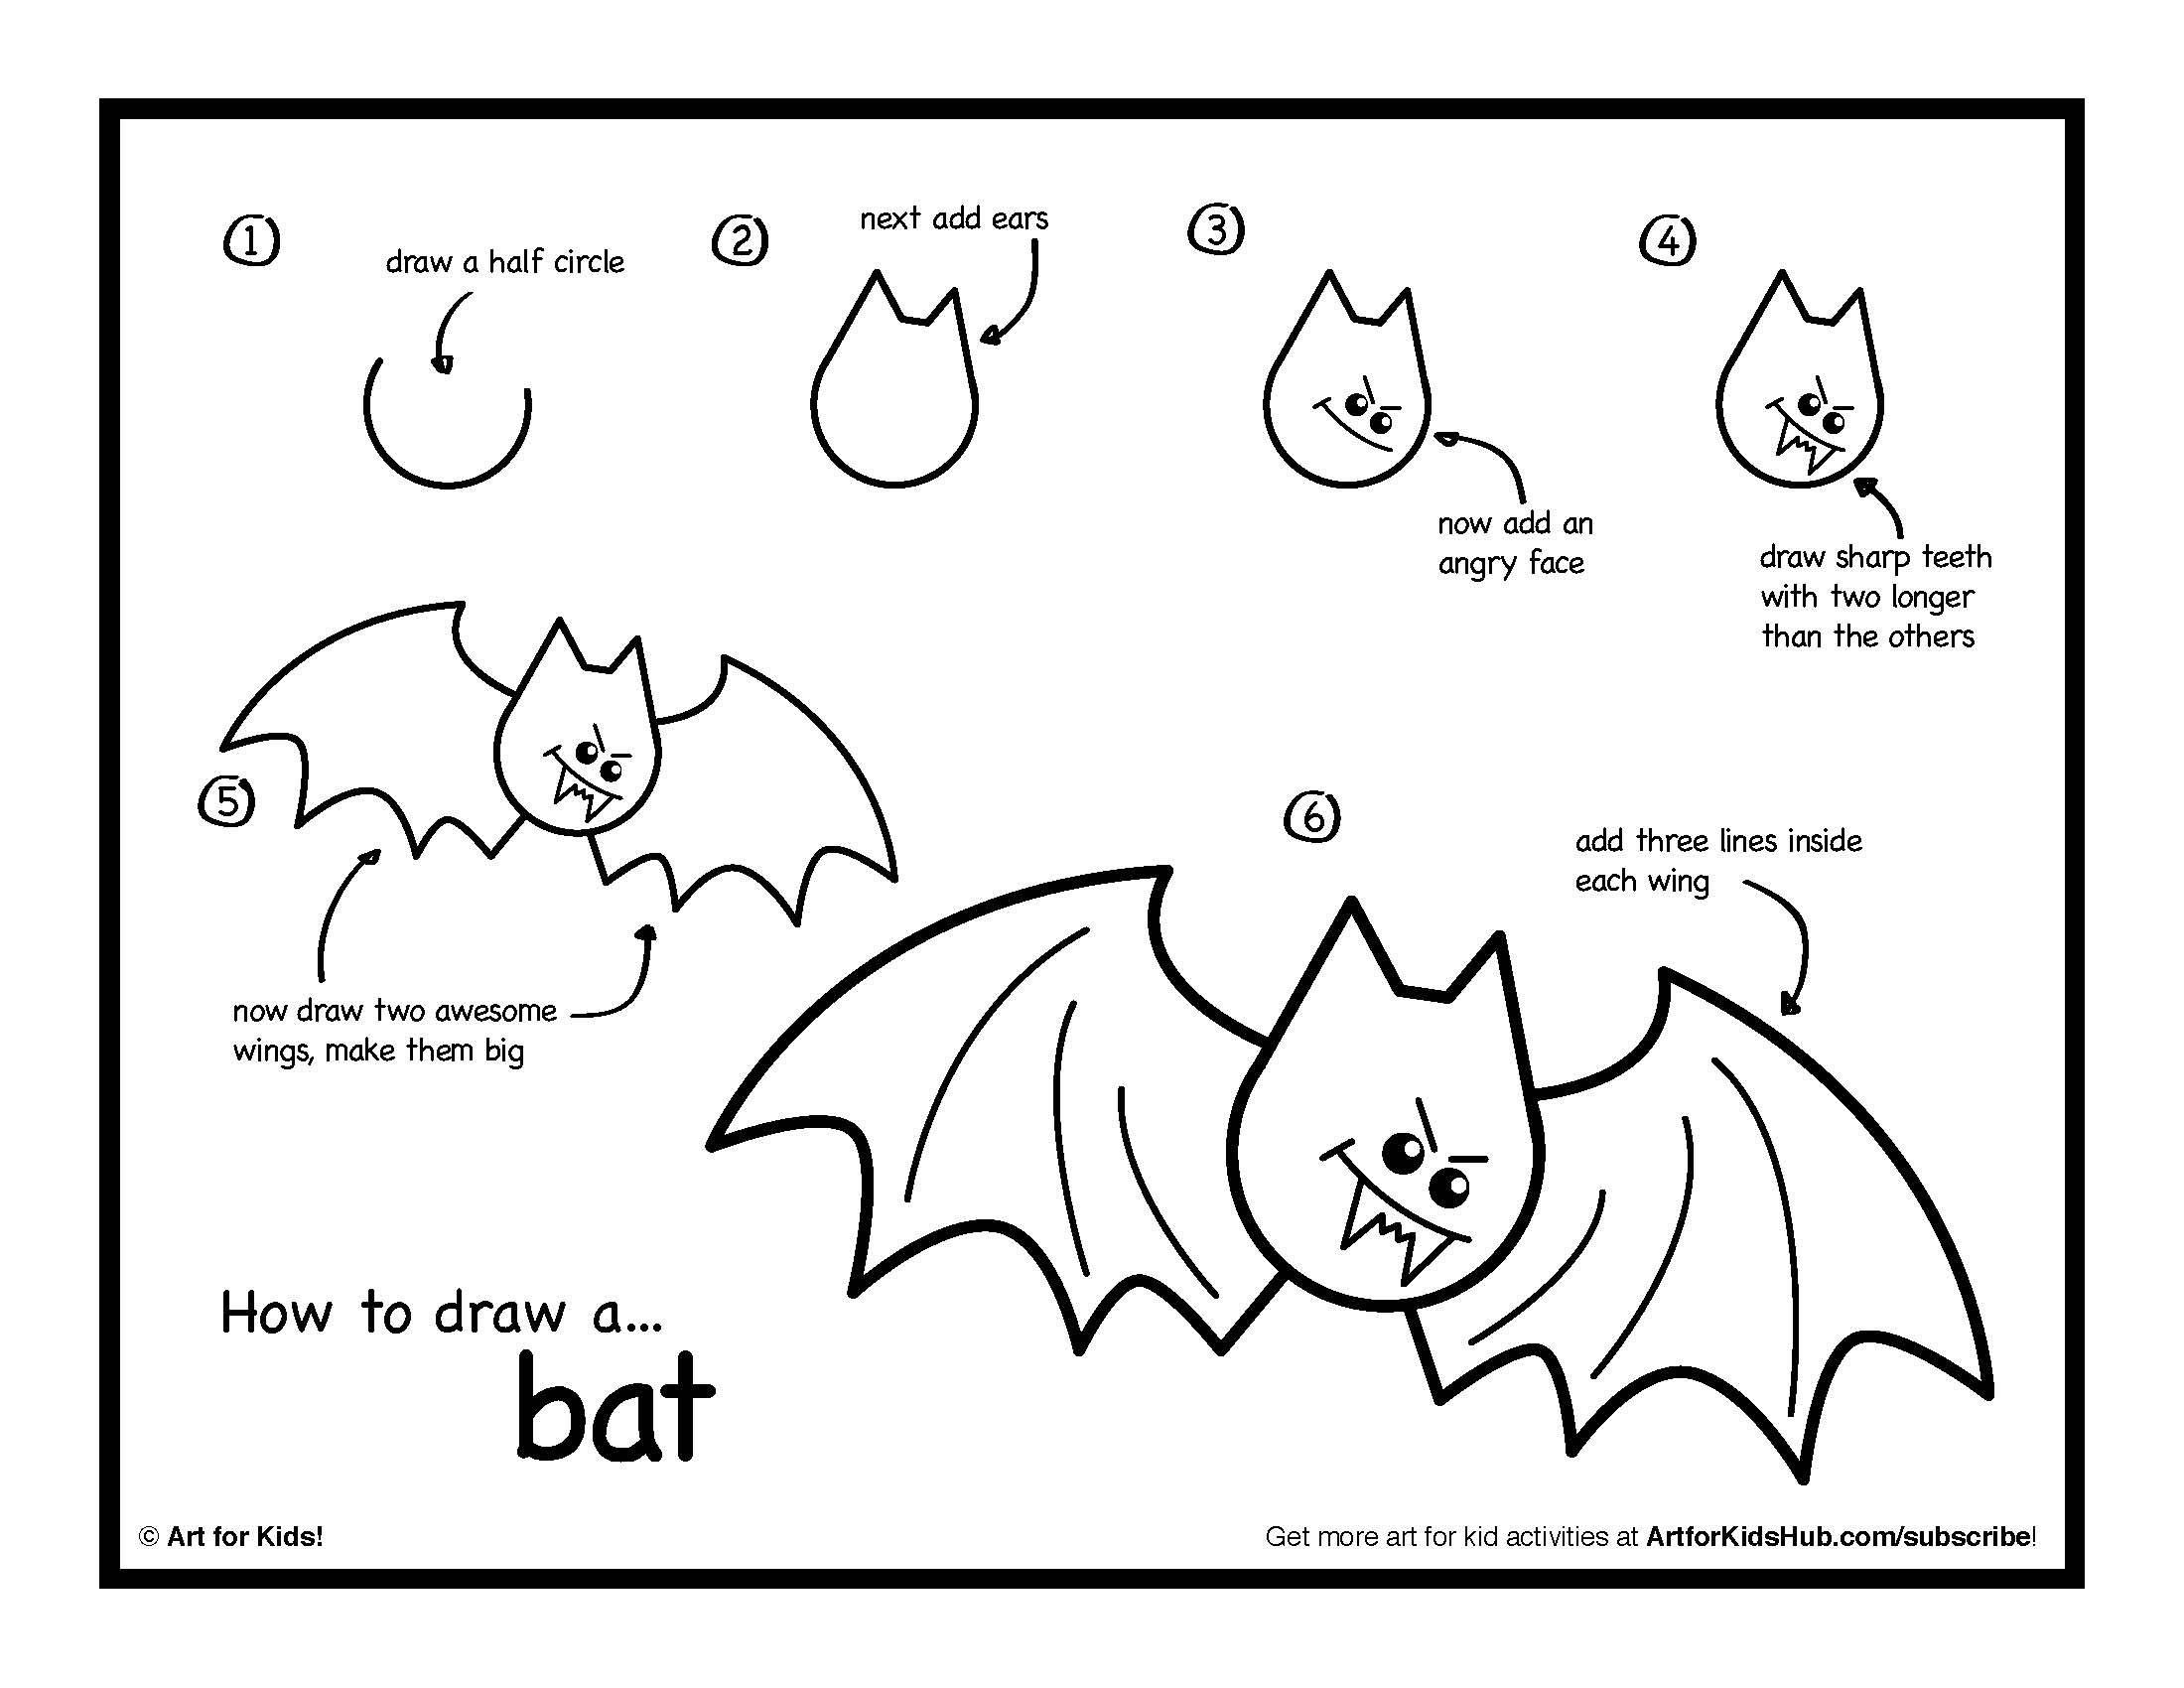 Libretas De Dibujo De Un Artista Freelance: How To Draw A Bat - Buscar Con Google